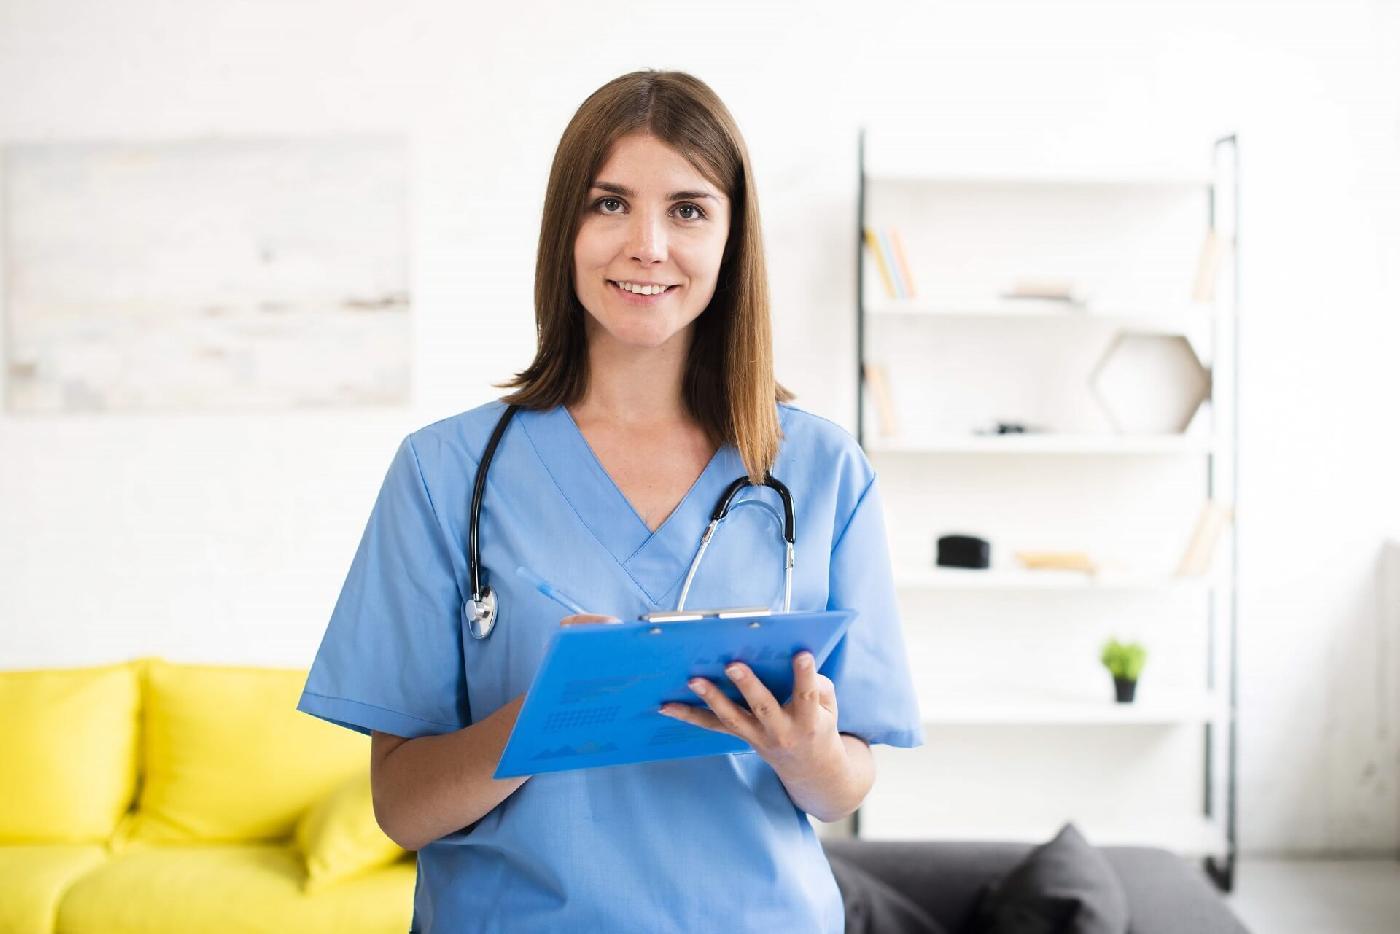 Gesundheits, - und Krankenpfleger  ( in Anerkennung )